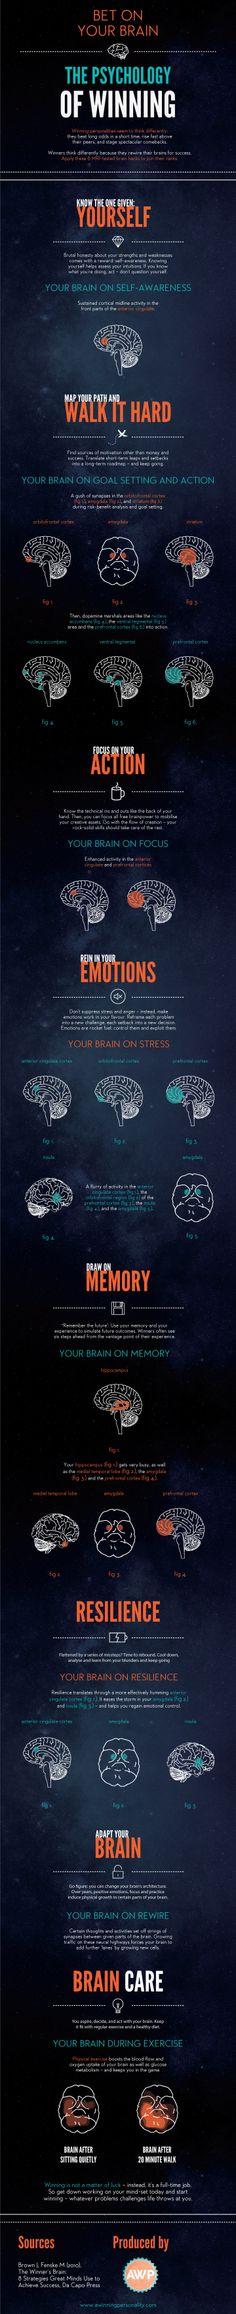 Bet-on-your-Brain-The-Psychology-of-Winning Apuesta por tu cerebro. La psicología de la victoria.